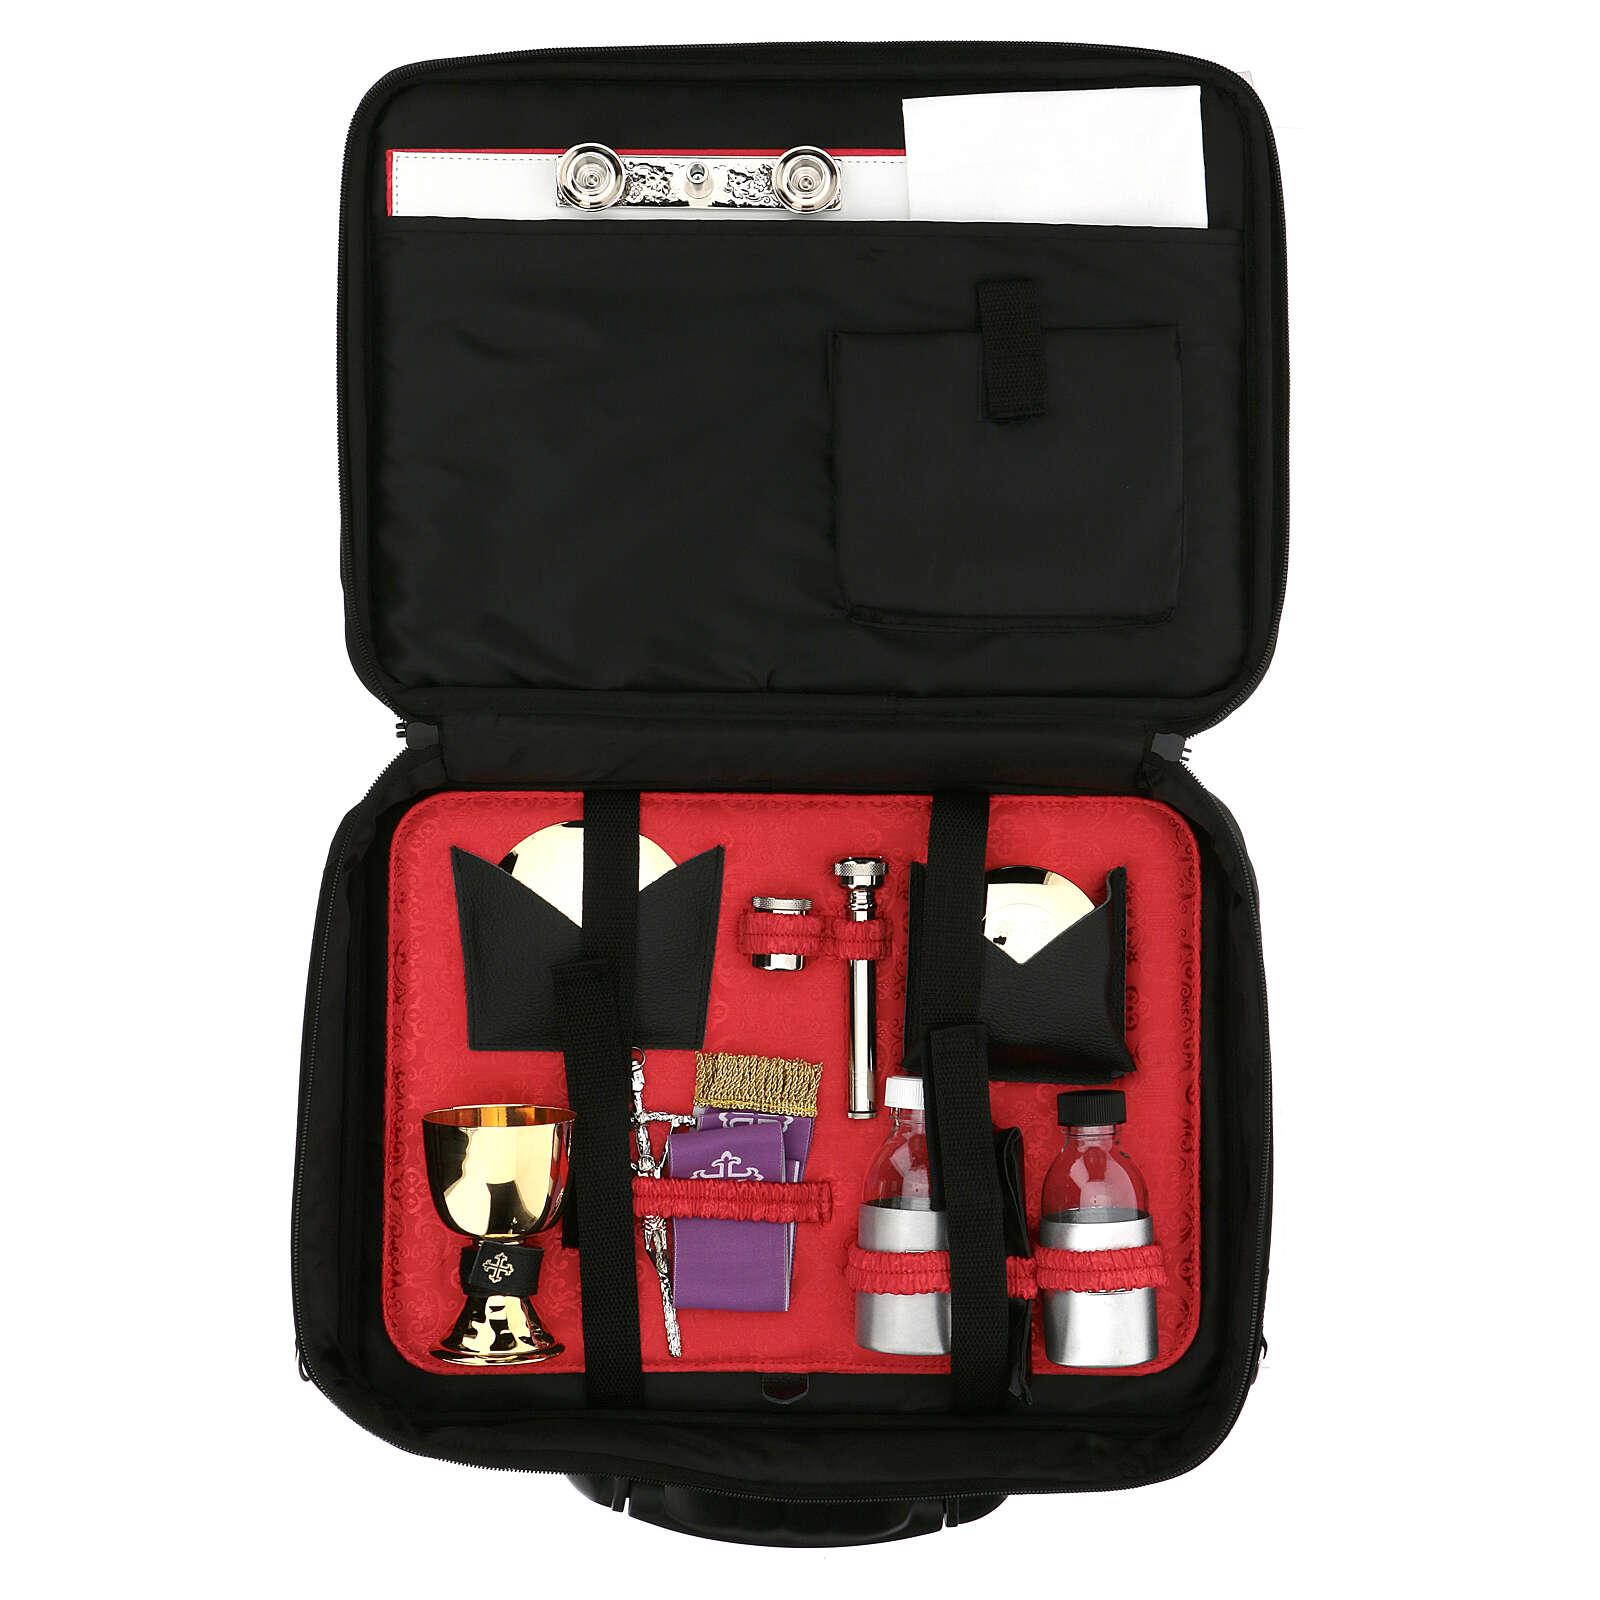 Kit per celebrazione con borsa porta computer 3